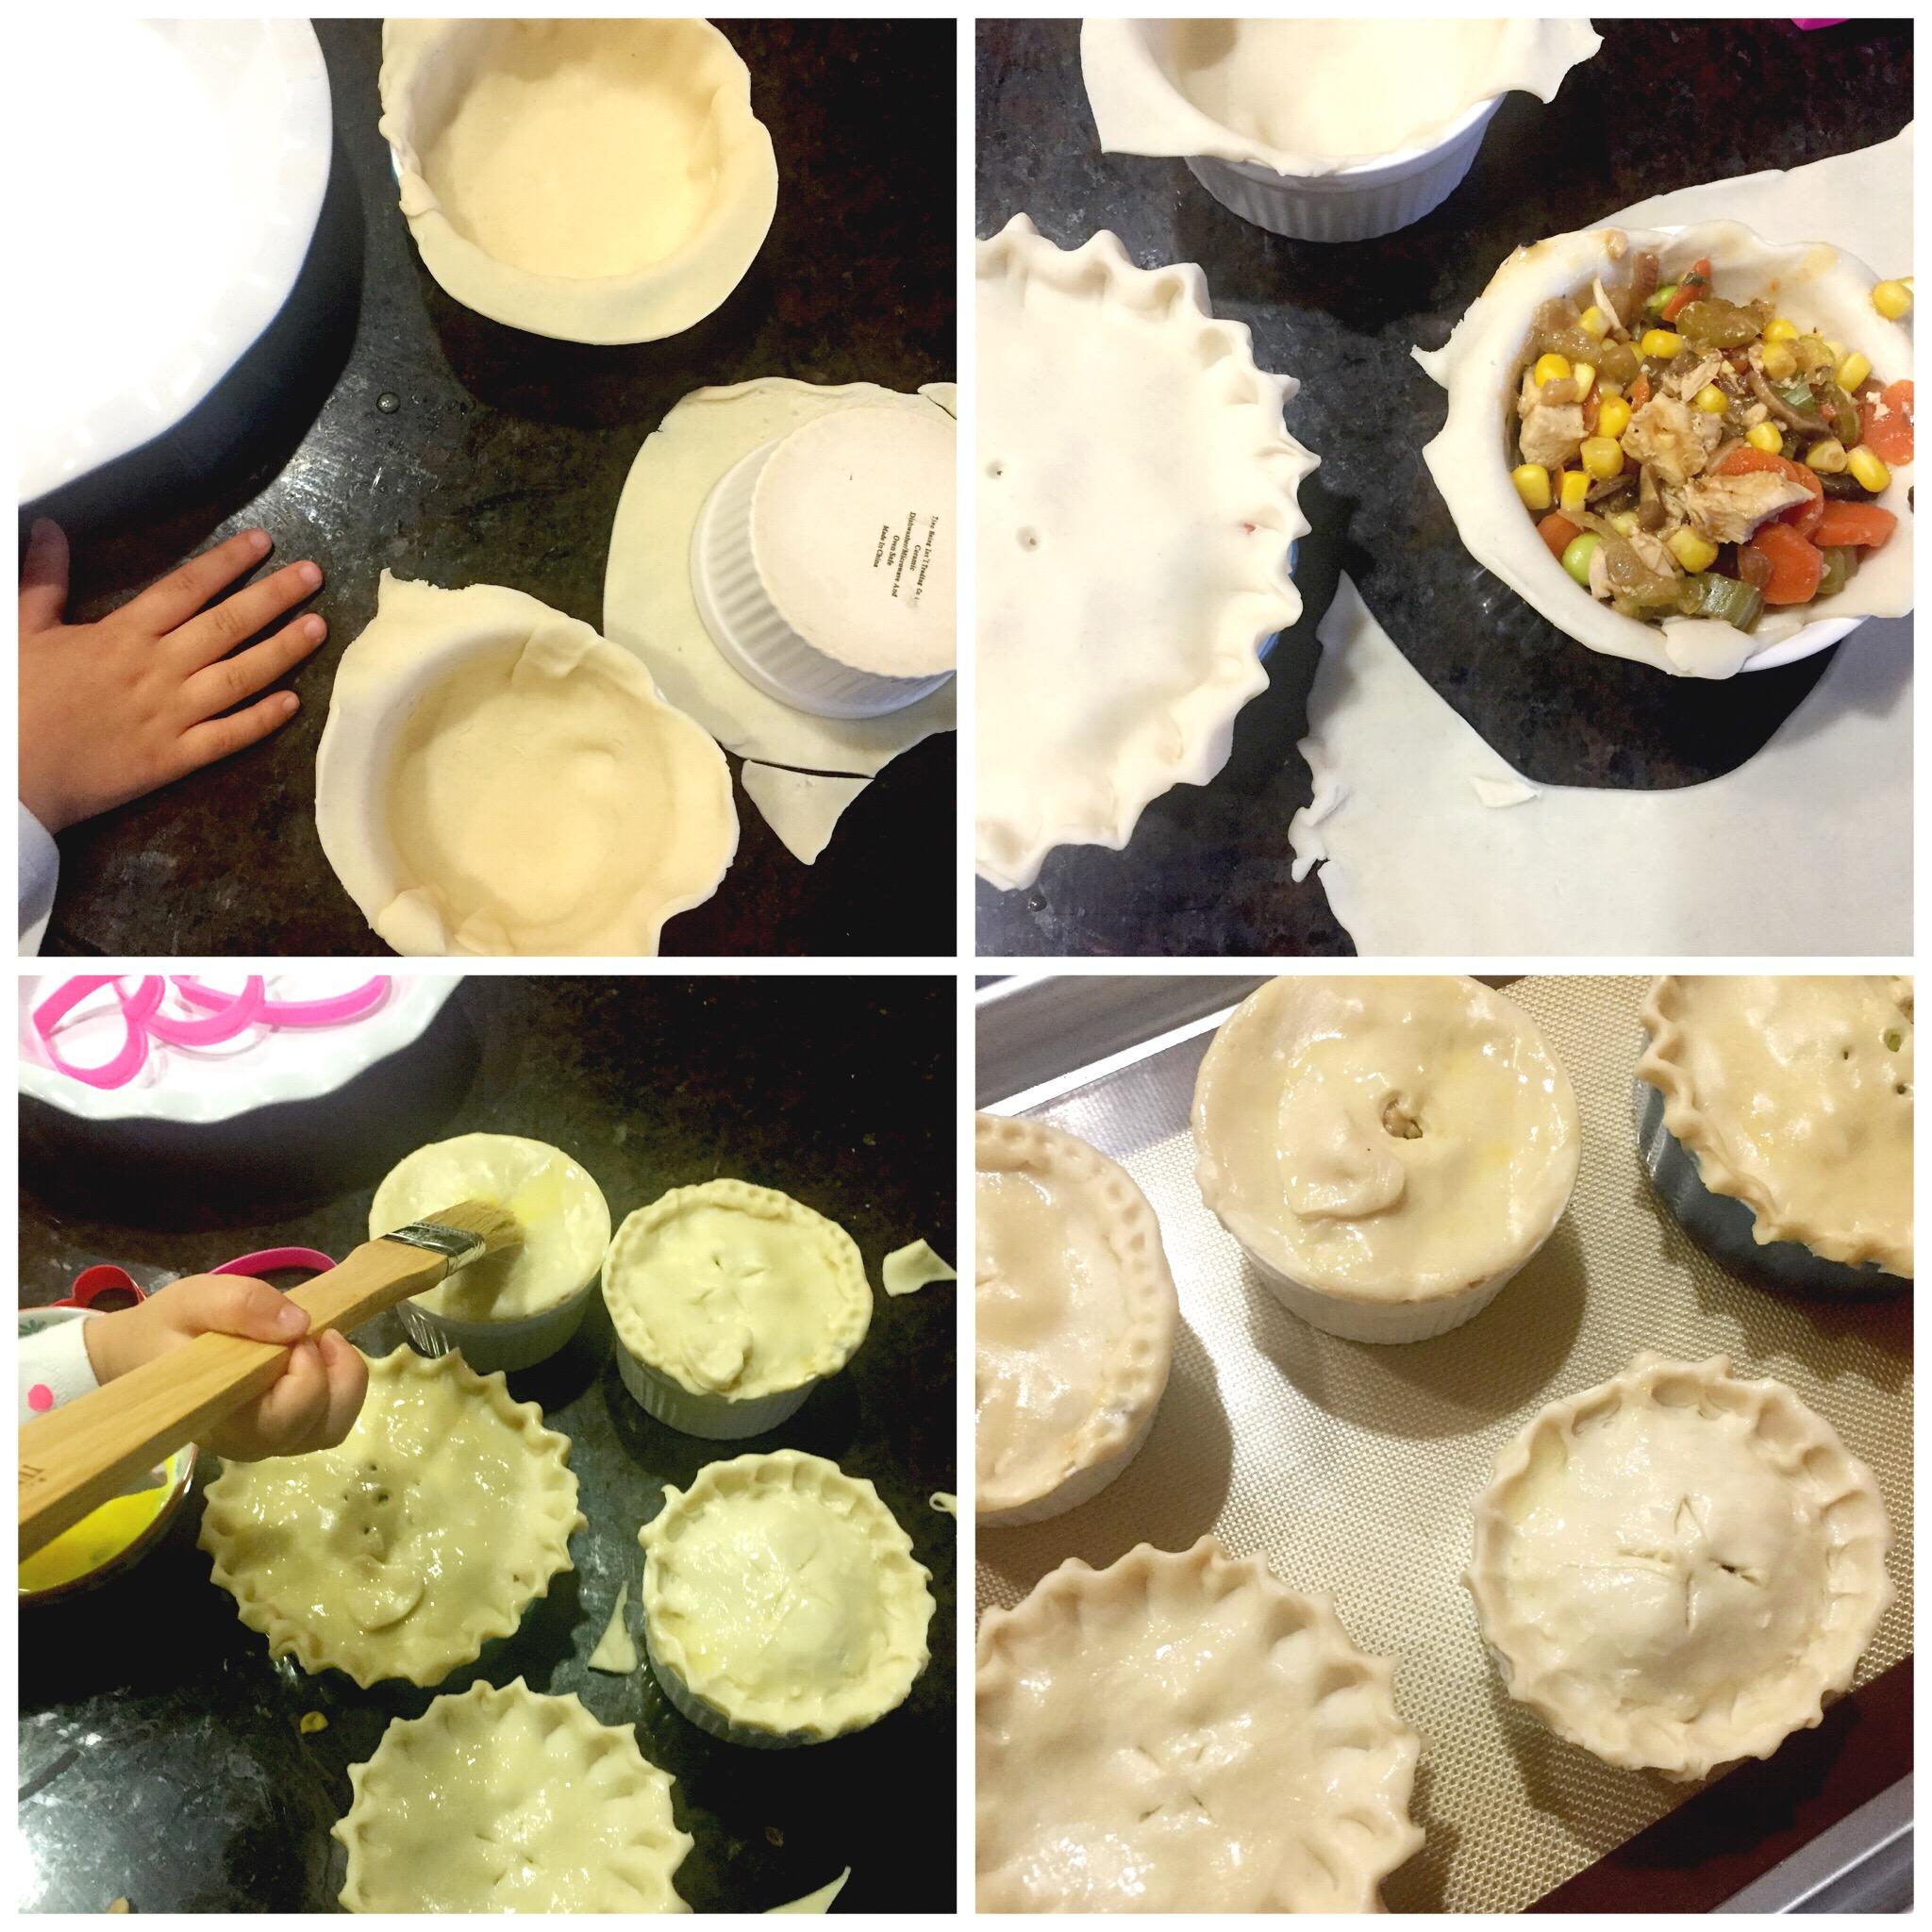 Making Chicken Pot Pie with kids